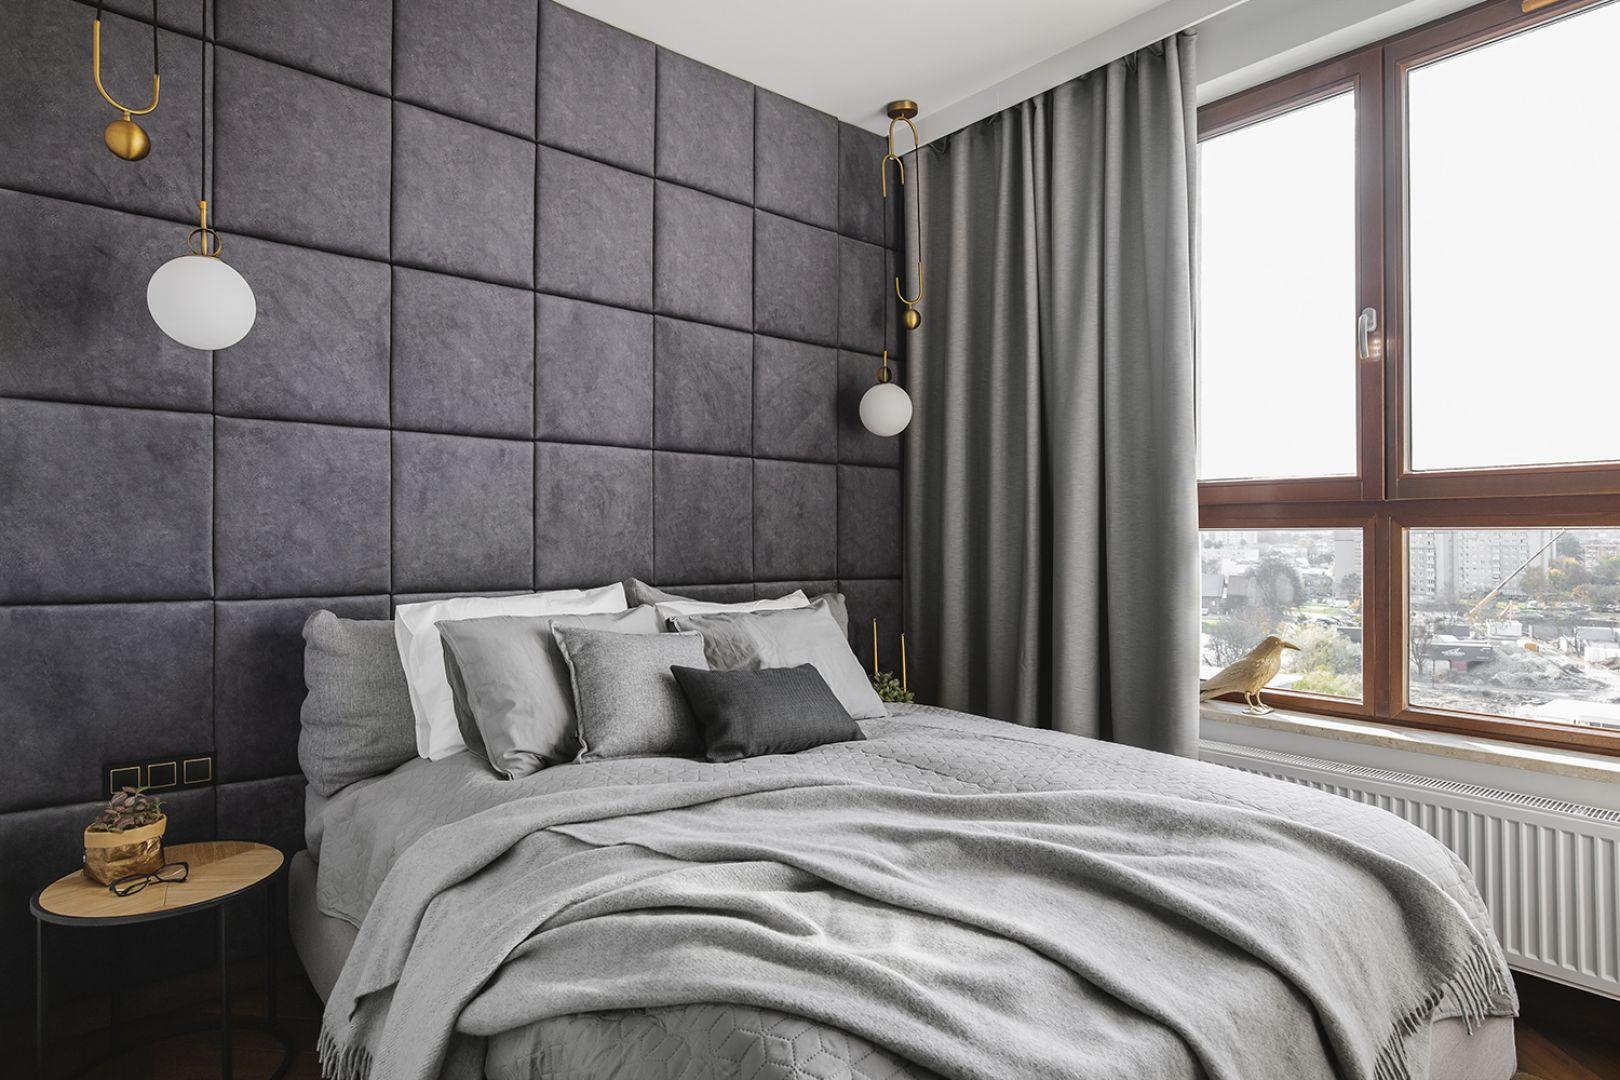 Ściana za łóżkiem wykończona jest tapicerowanymi panelami w szarym kolorze. Projekt: make Architekci. Fot. Hanna Połczyńska, Kroniki Studio